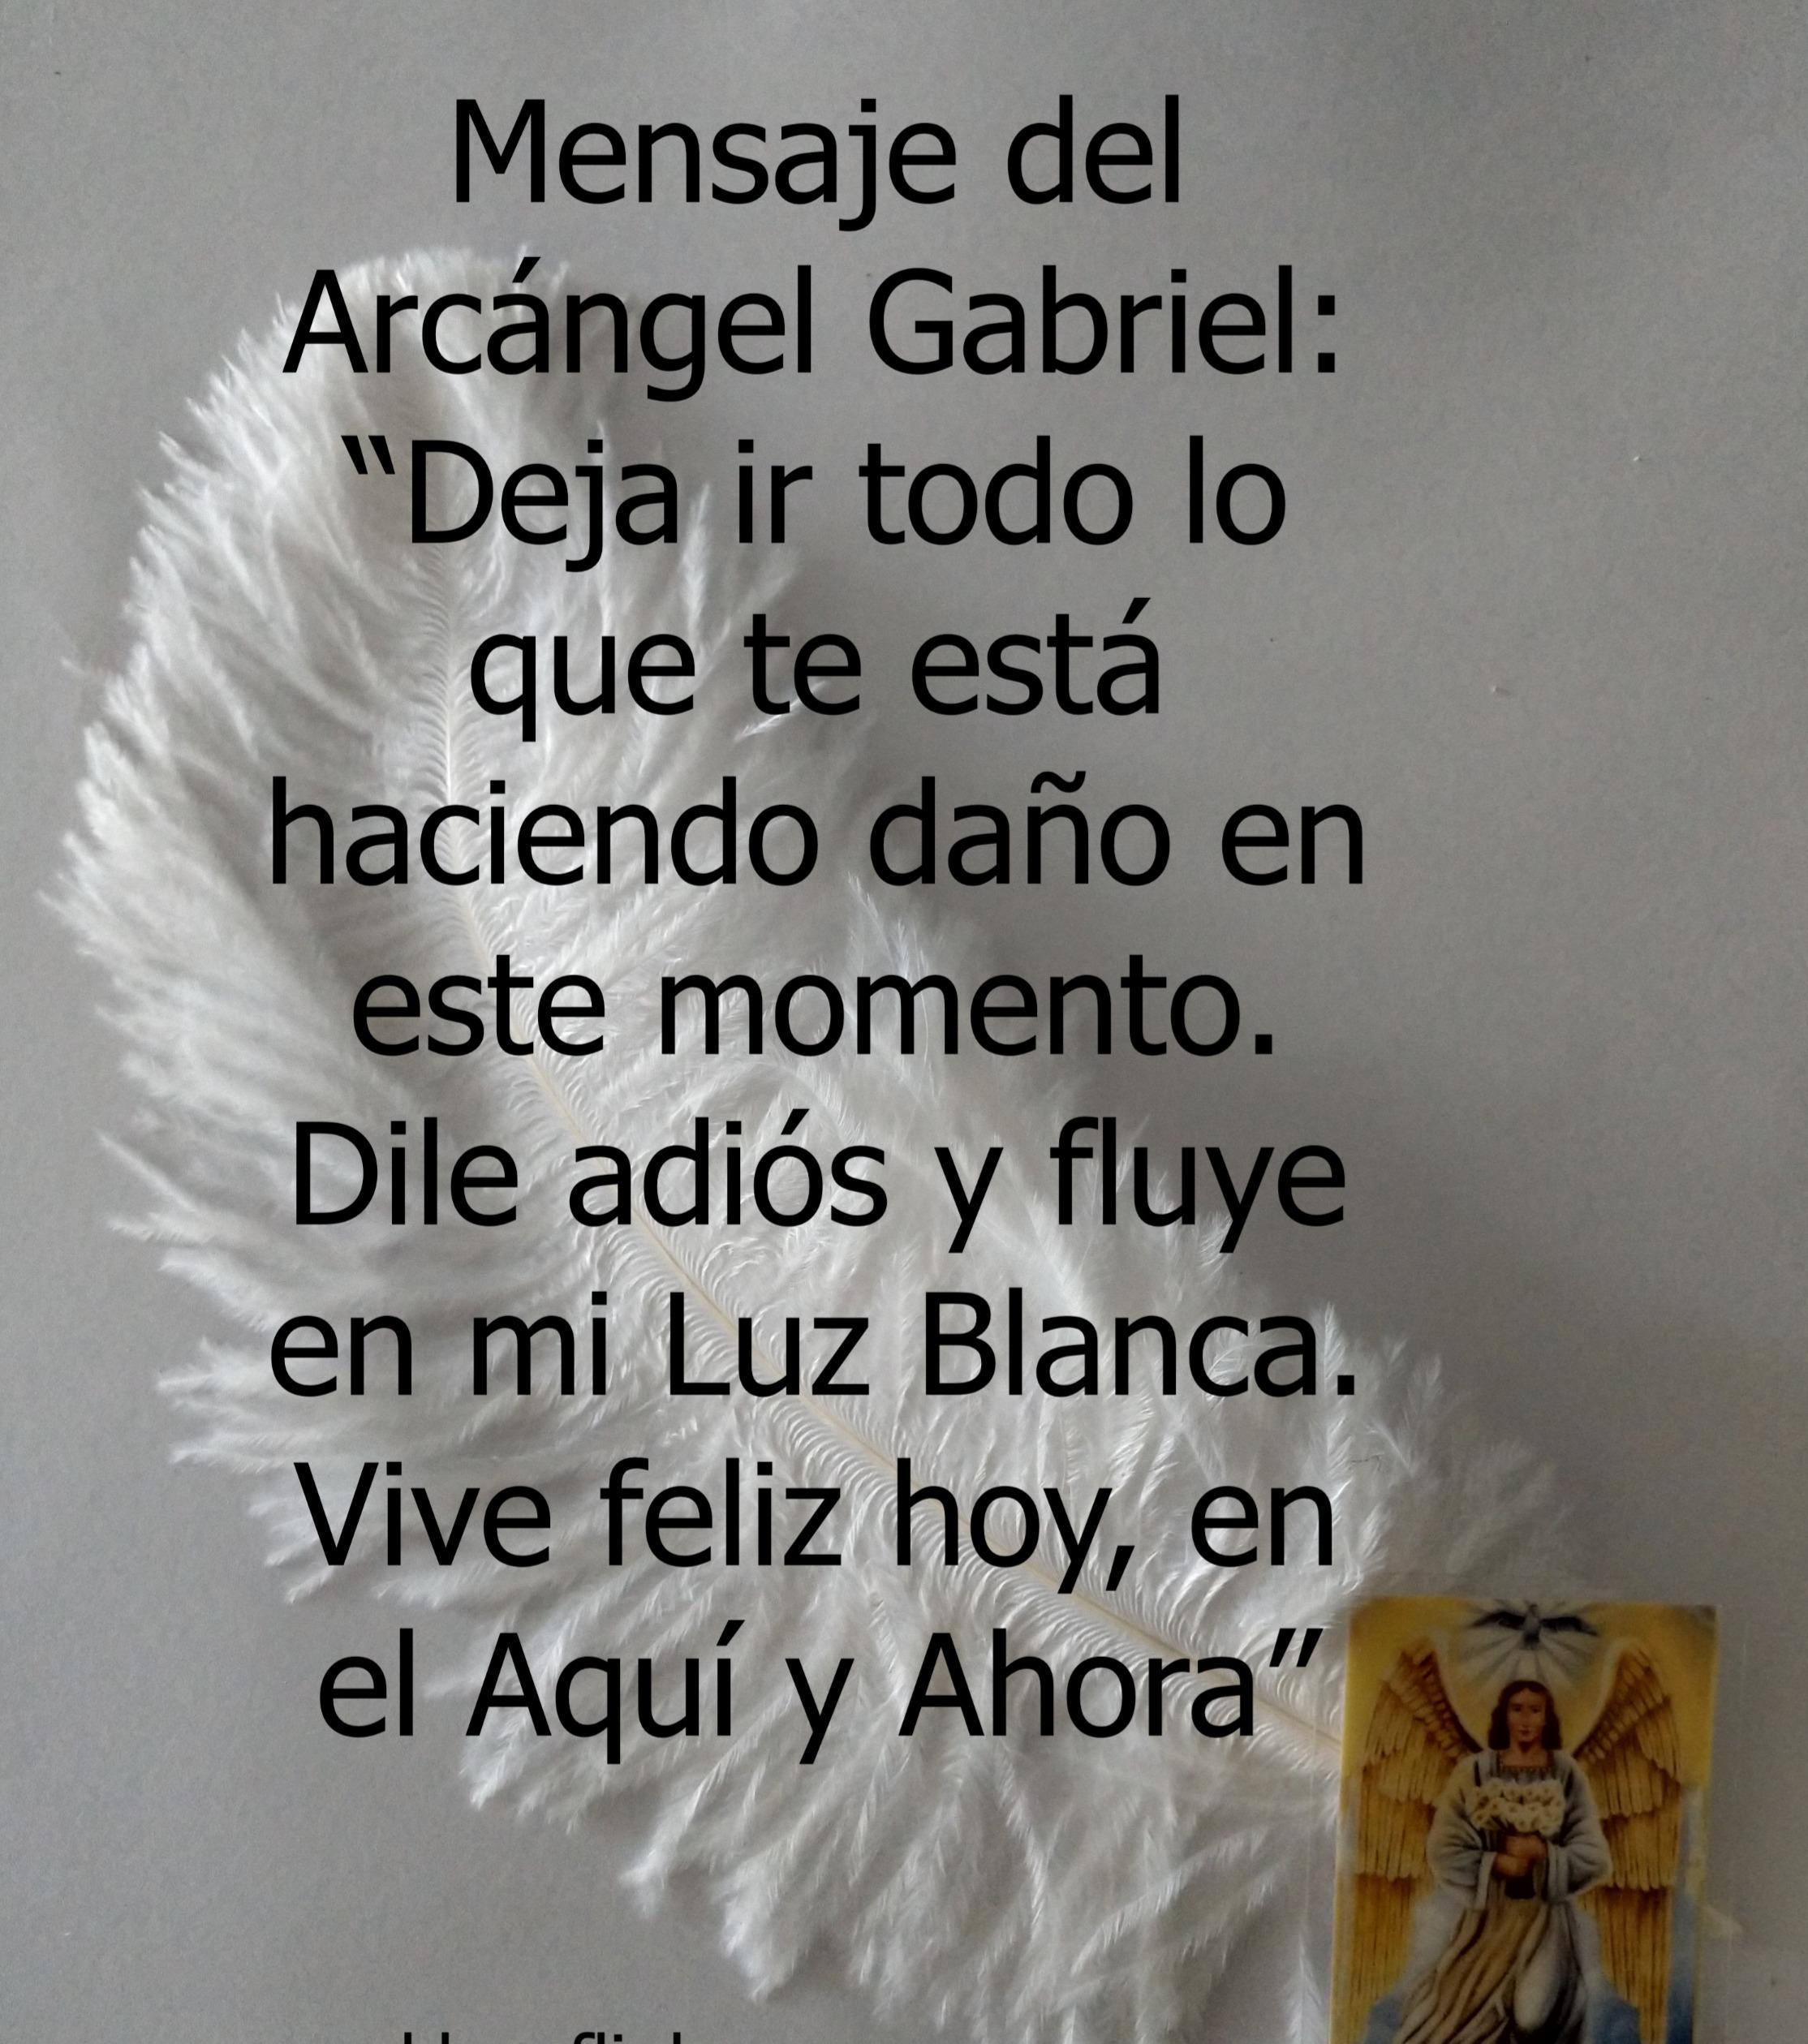 ArcangelGabrielabril29_edited